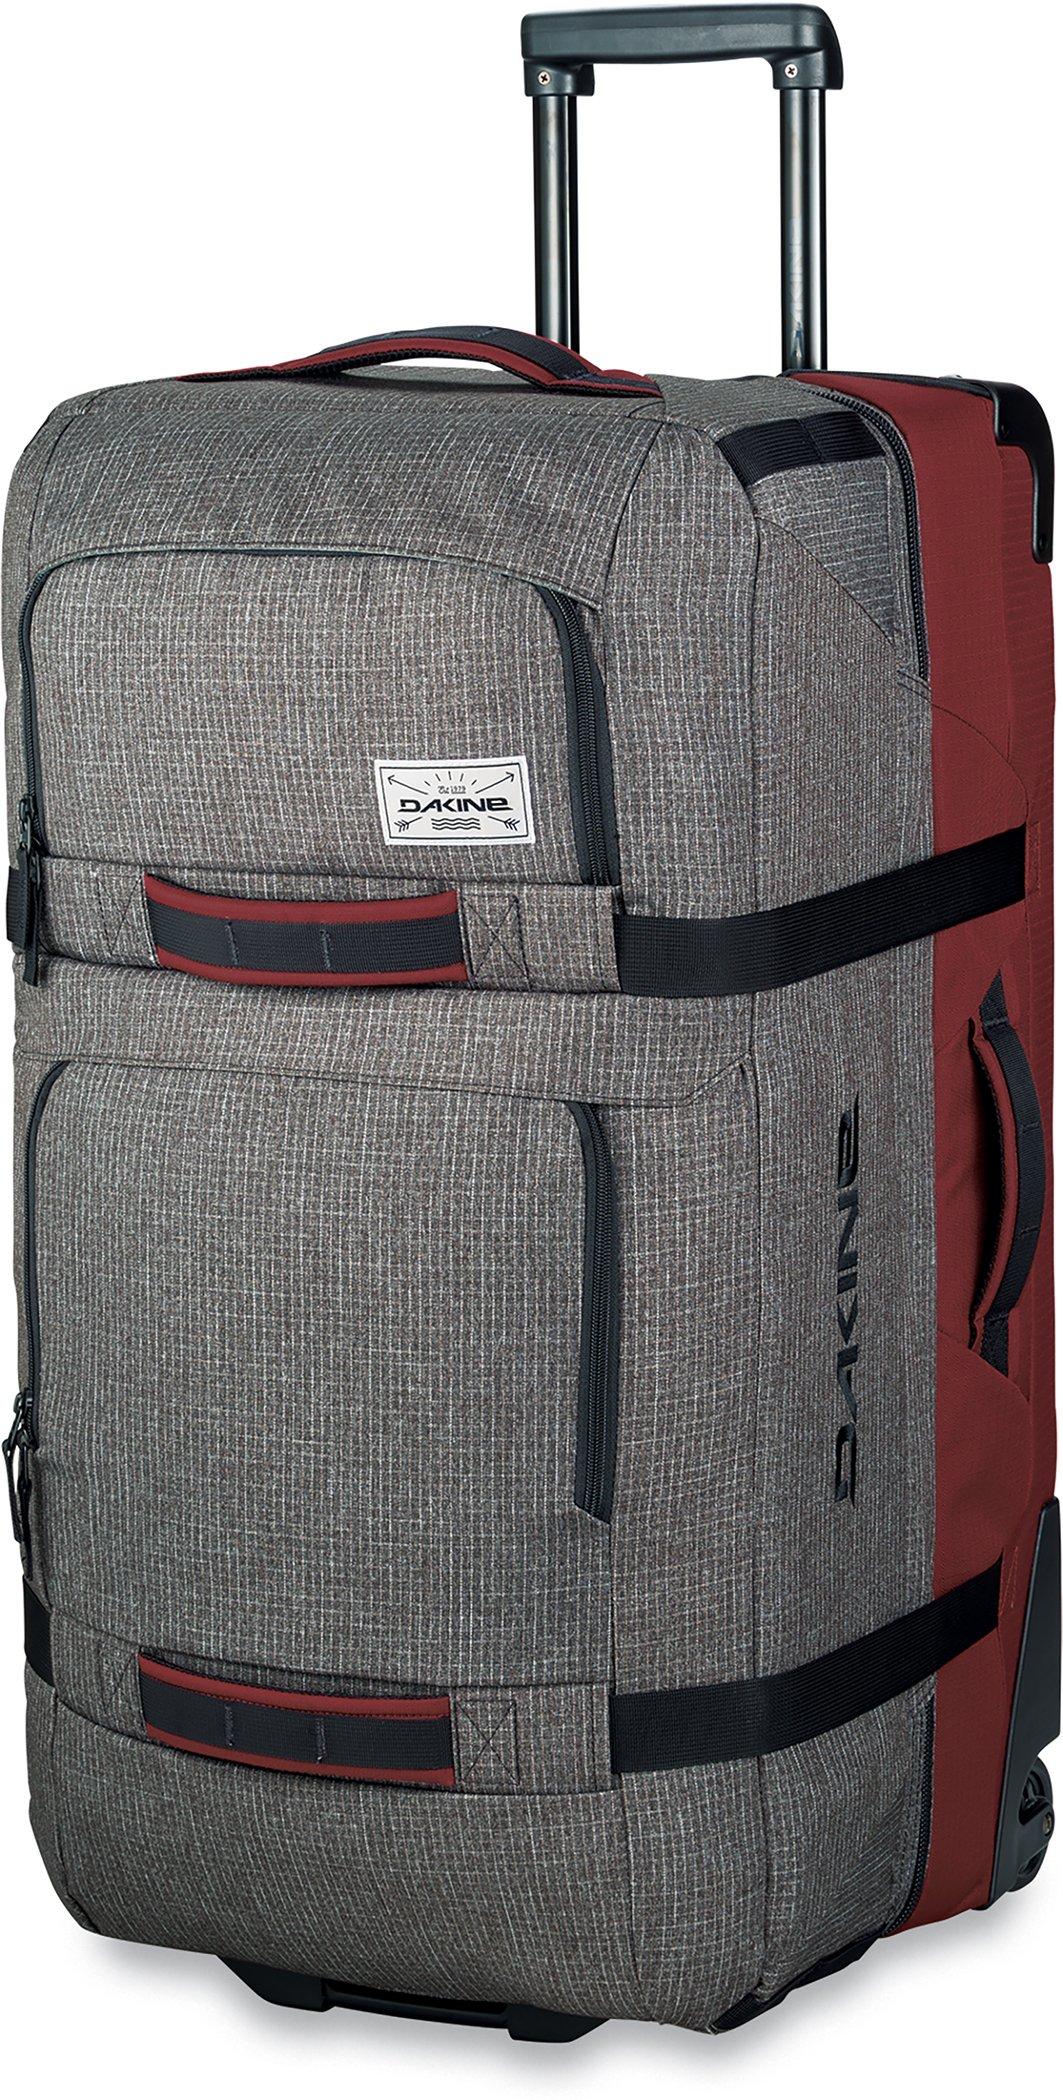 Dakine Split Roller Rolling Luggage, 85L, Willamette